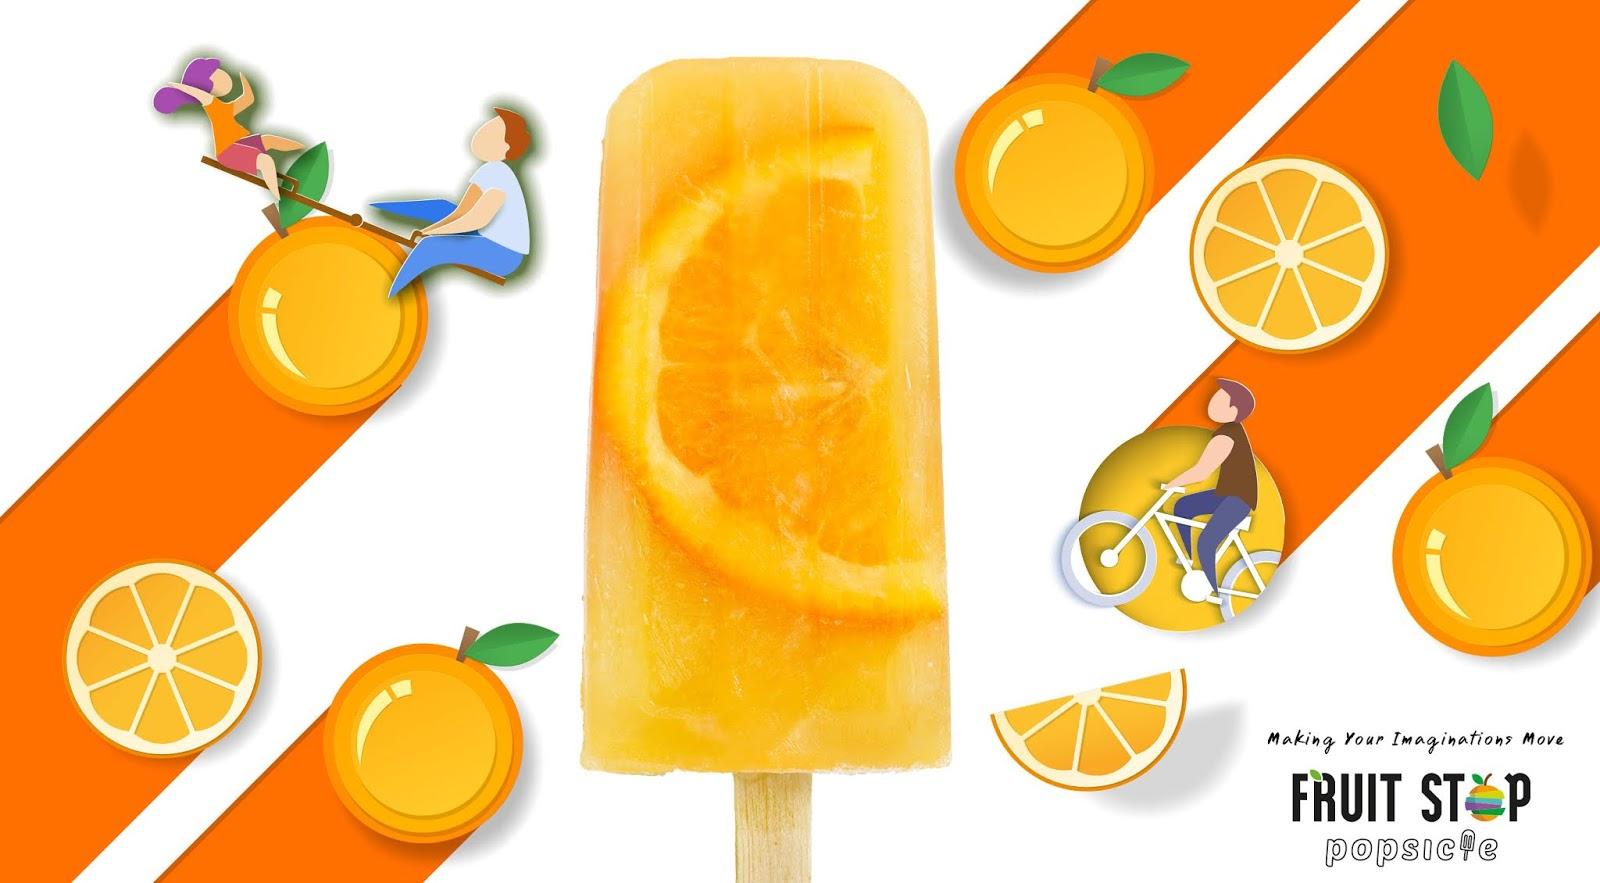 清新口味的Fruit Stop冰棒包装设计